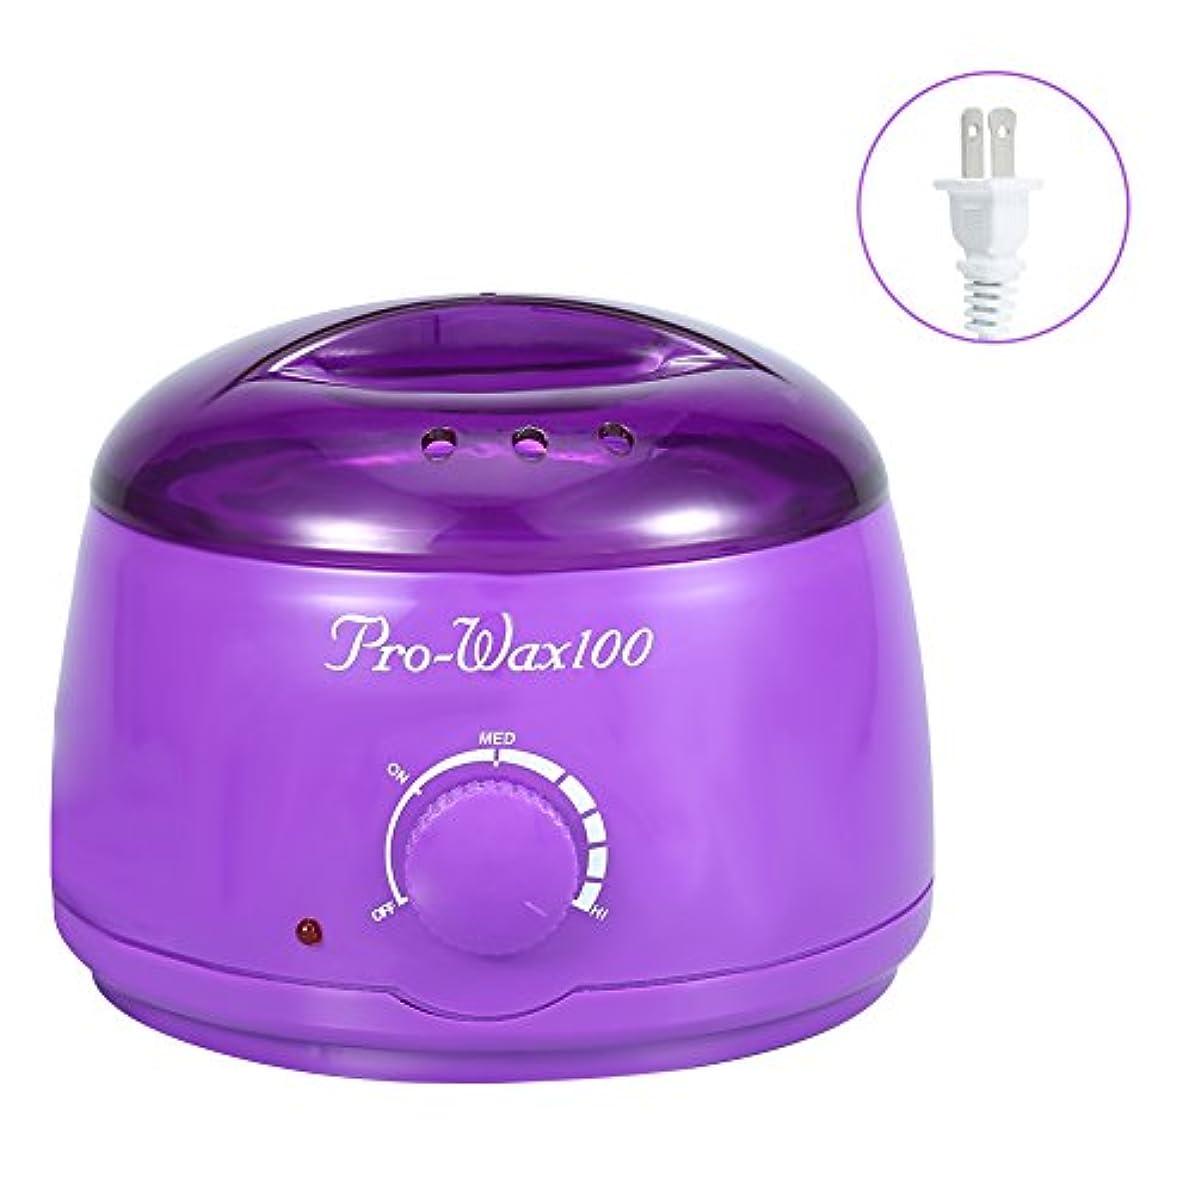 アミューズメントプログレッシブフェローシップワックス脱毛ワックスヒーター+ 4 x 100g異なるワックス豆+ 10個ワックススティックプロフェッショナルワックス脱毛セット(紫色)